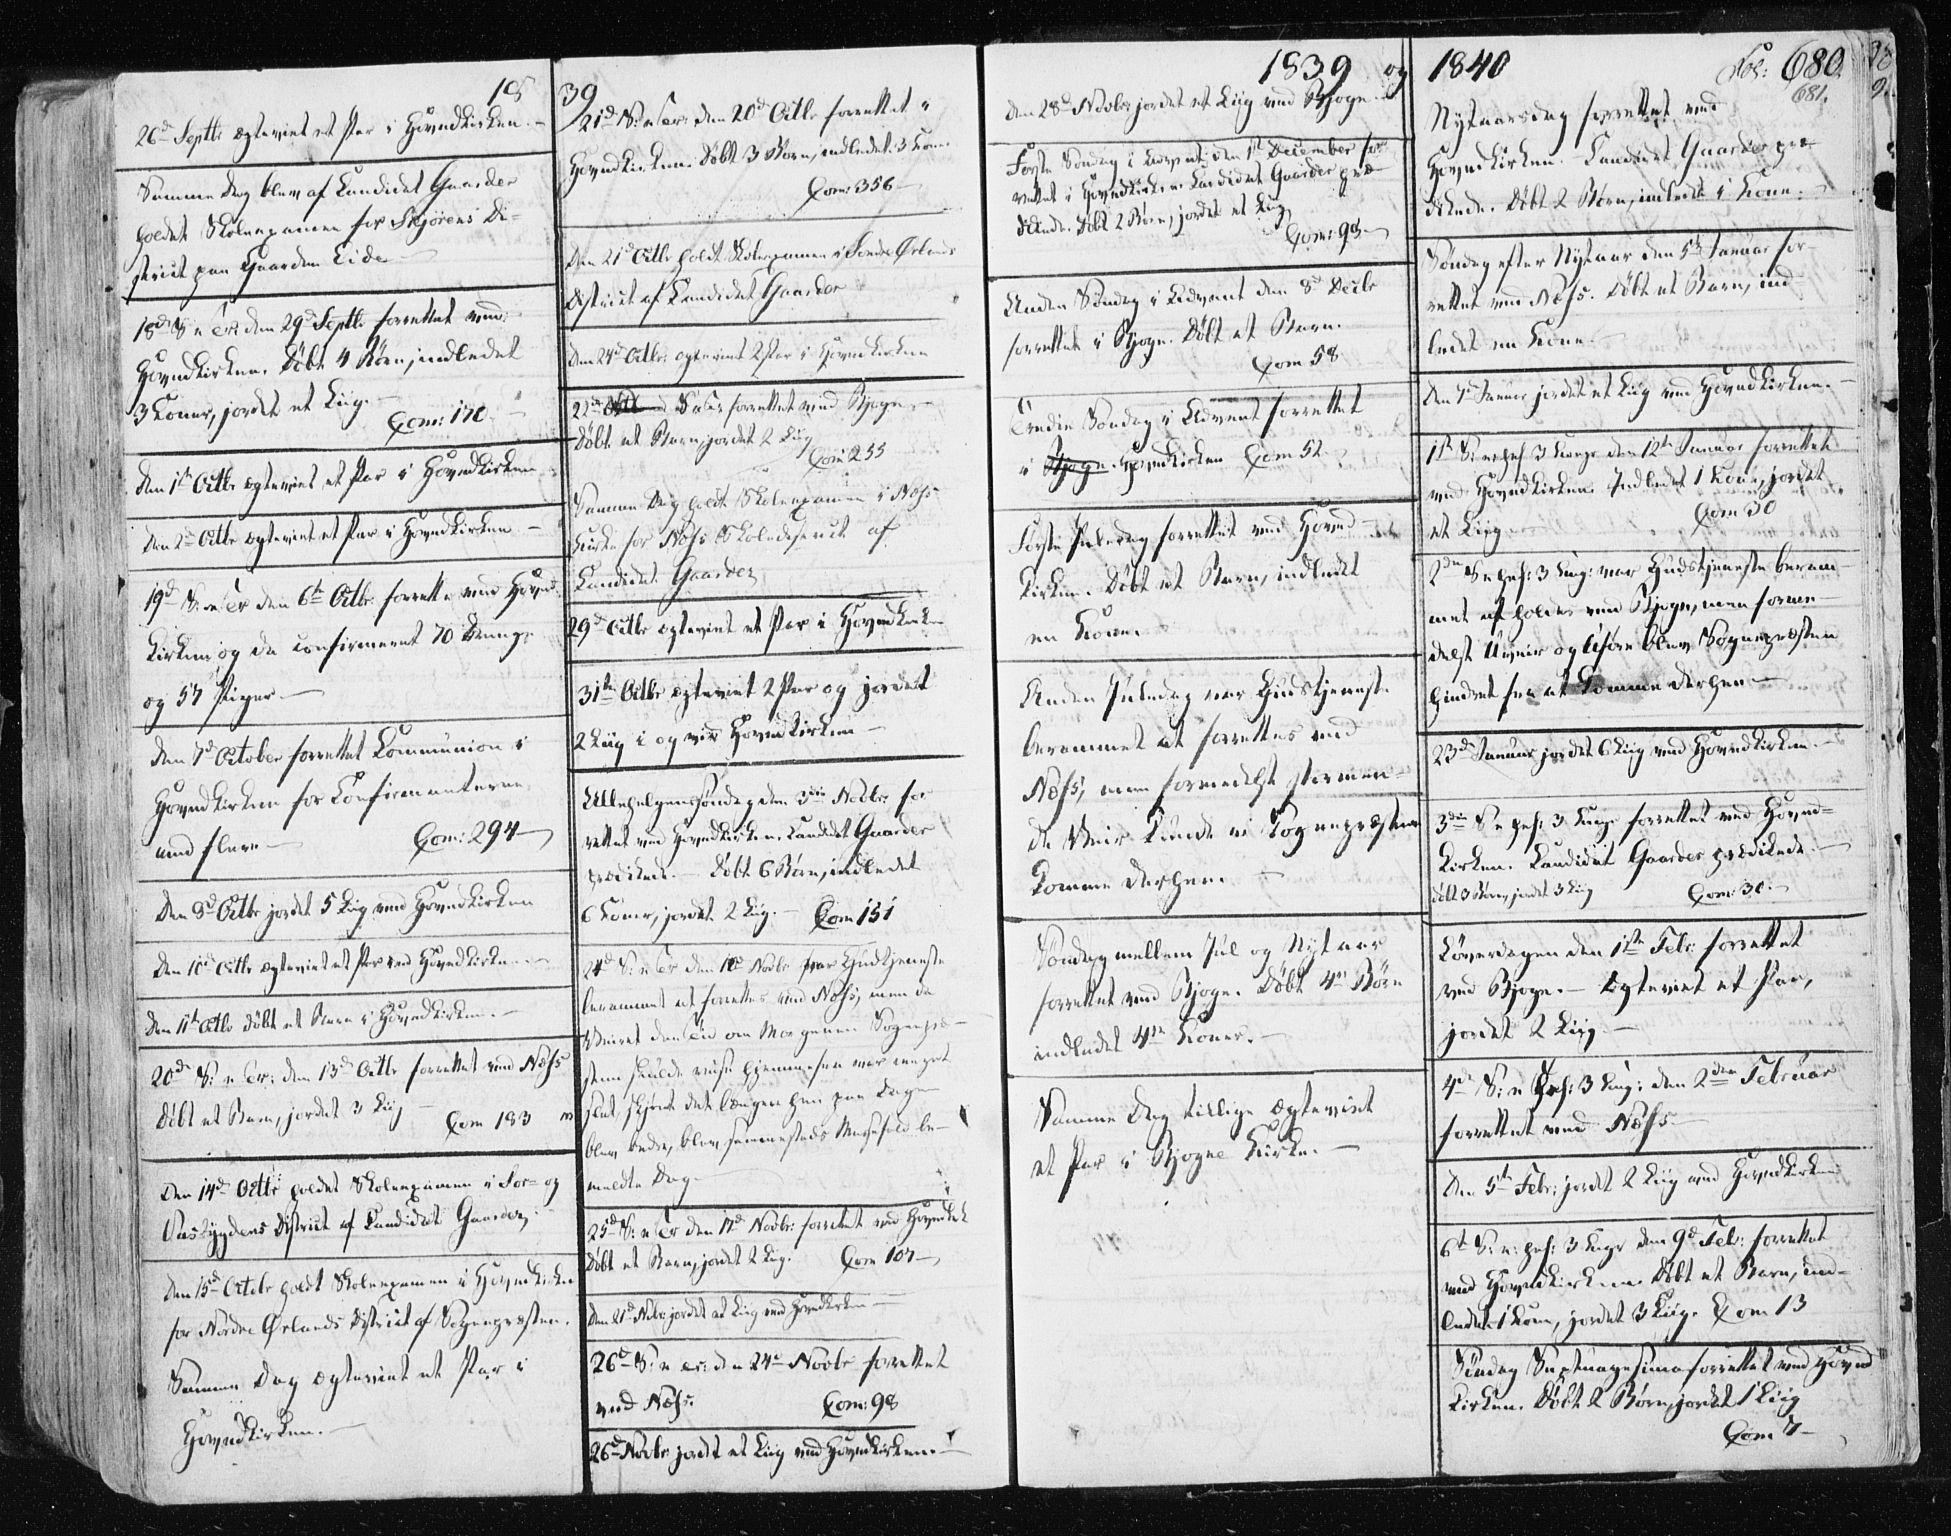 SAT, Ministerialprotokoller, klokkerbøker og fødselsregistre - Sør-Trøndelag, 659/L0735: Ministerialbok nr. 659A05, 1826-1841, s. 680